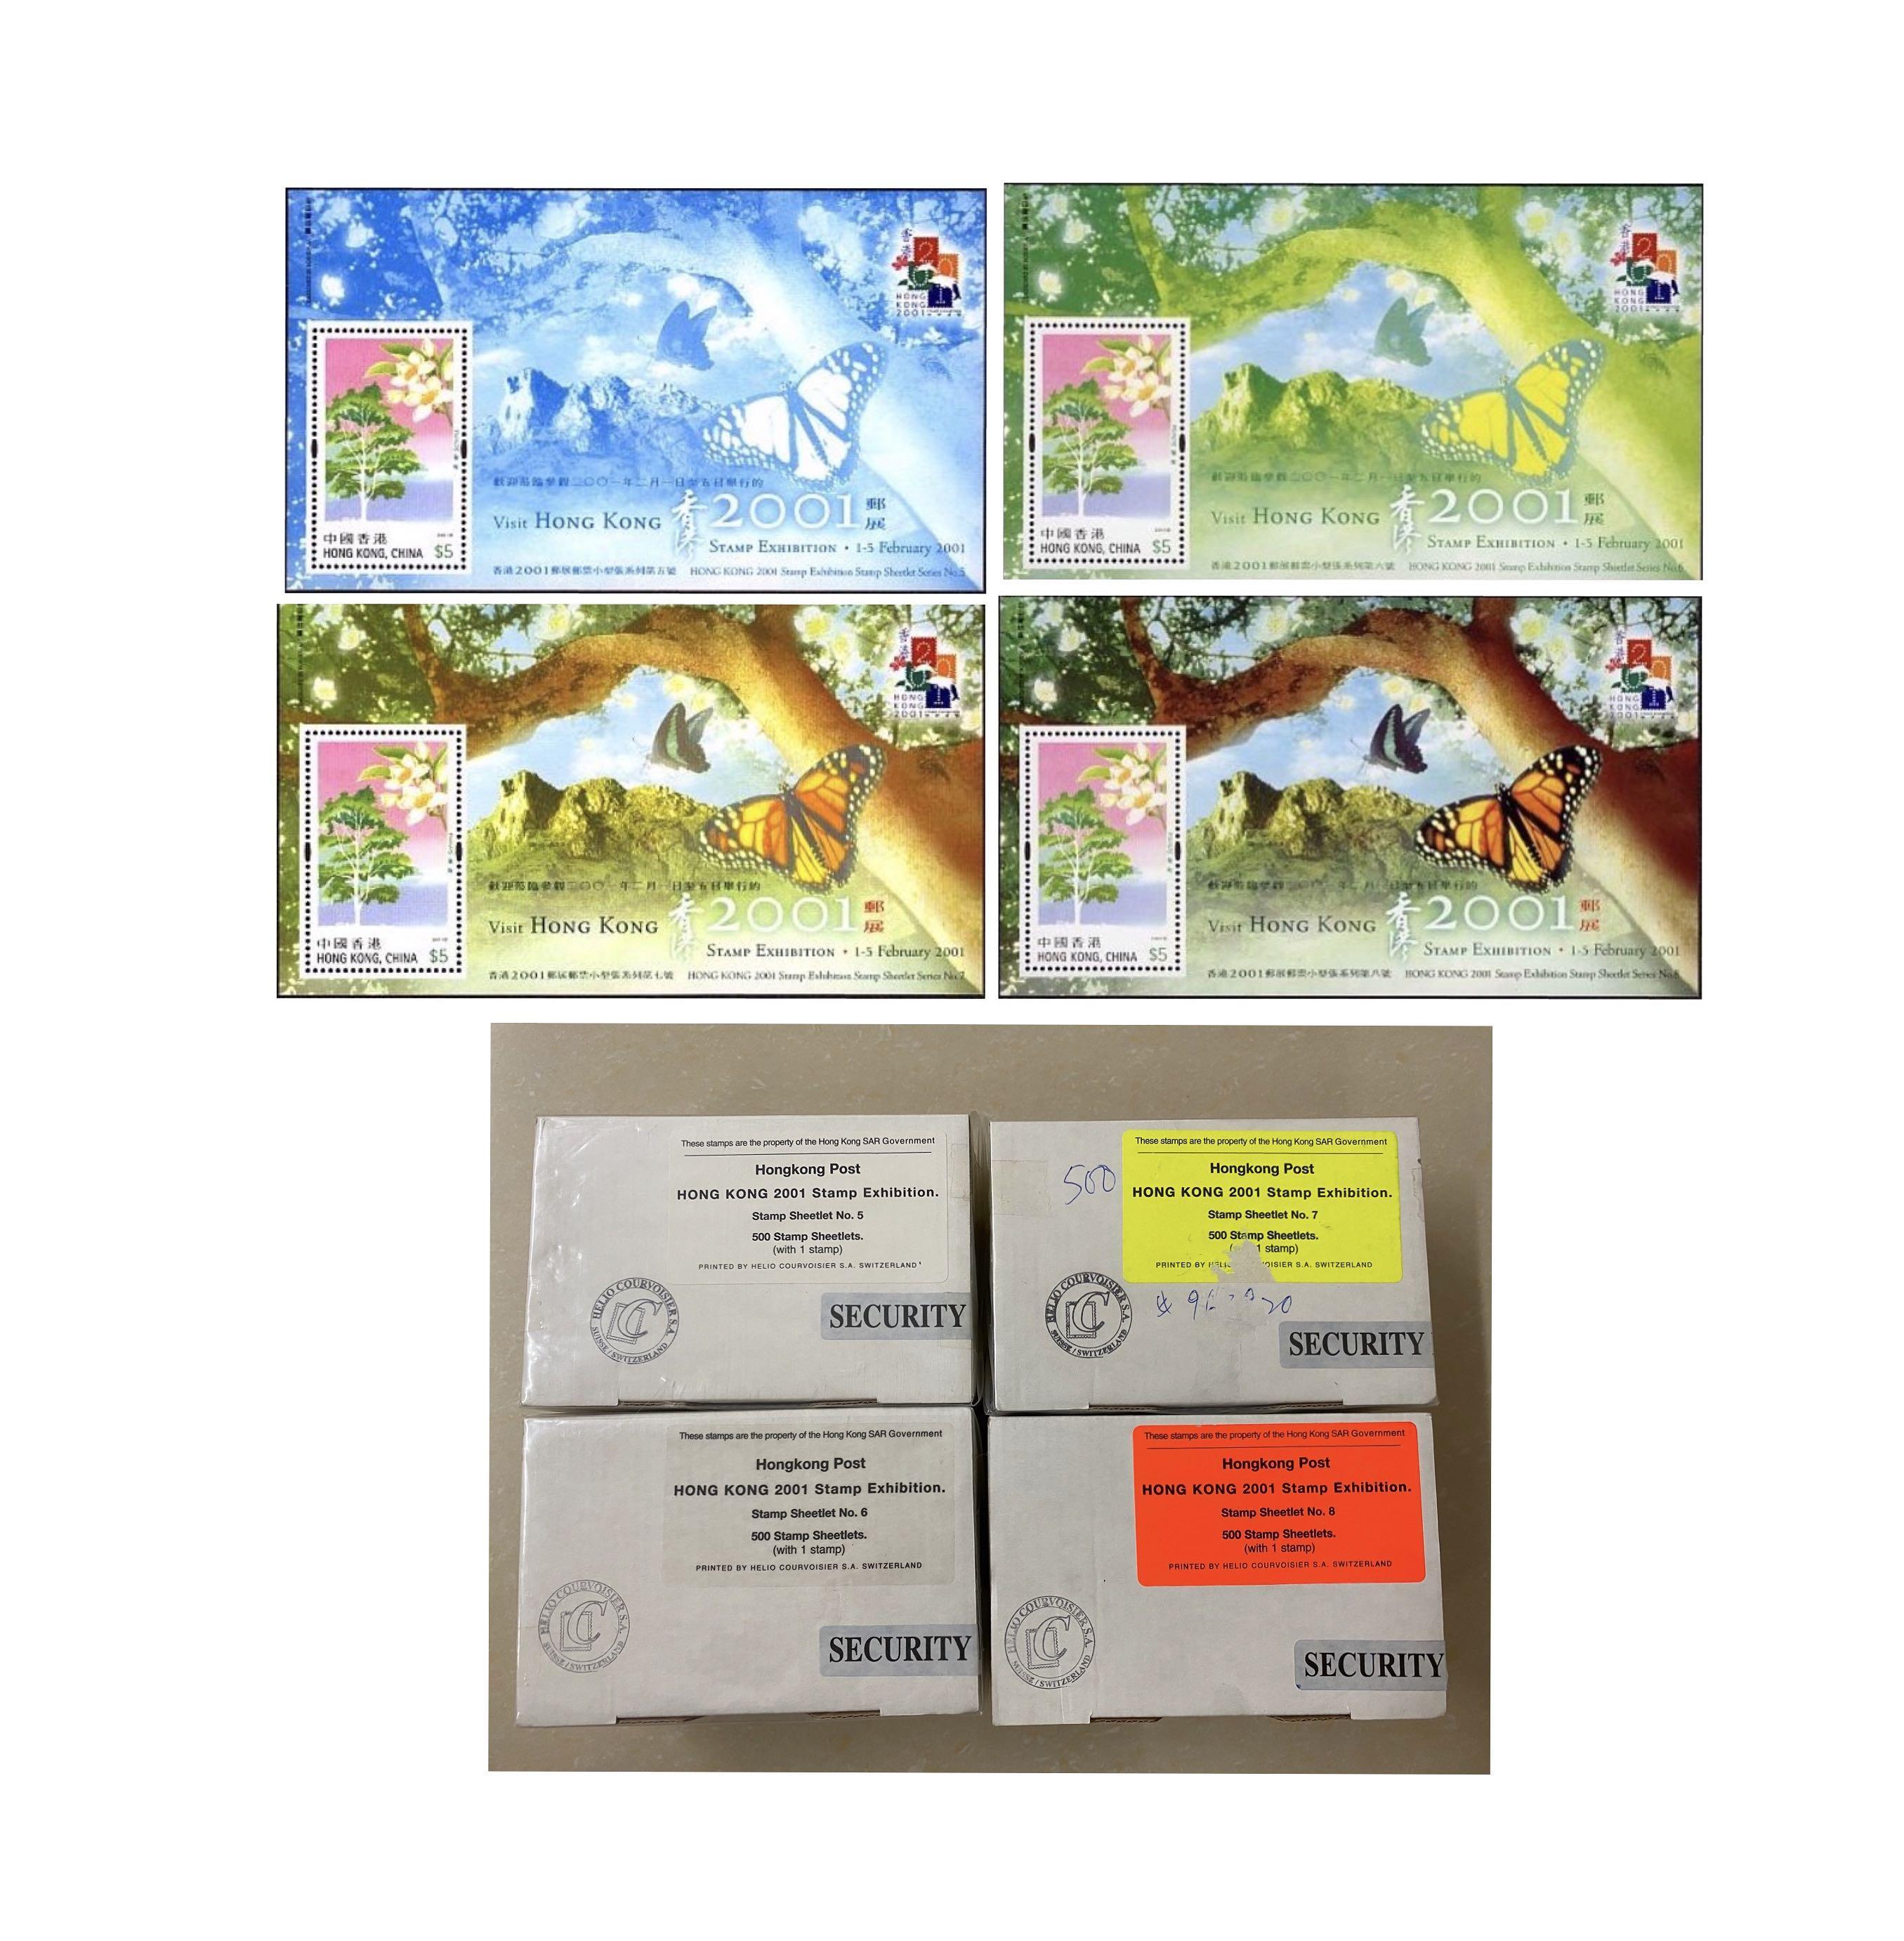 香港郵票 小型張系列第五號、六號、七號、八號